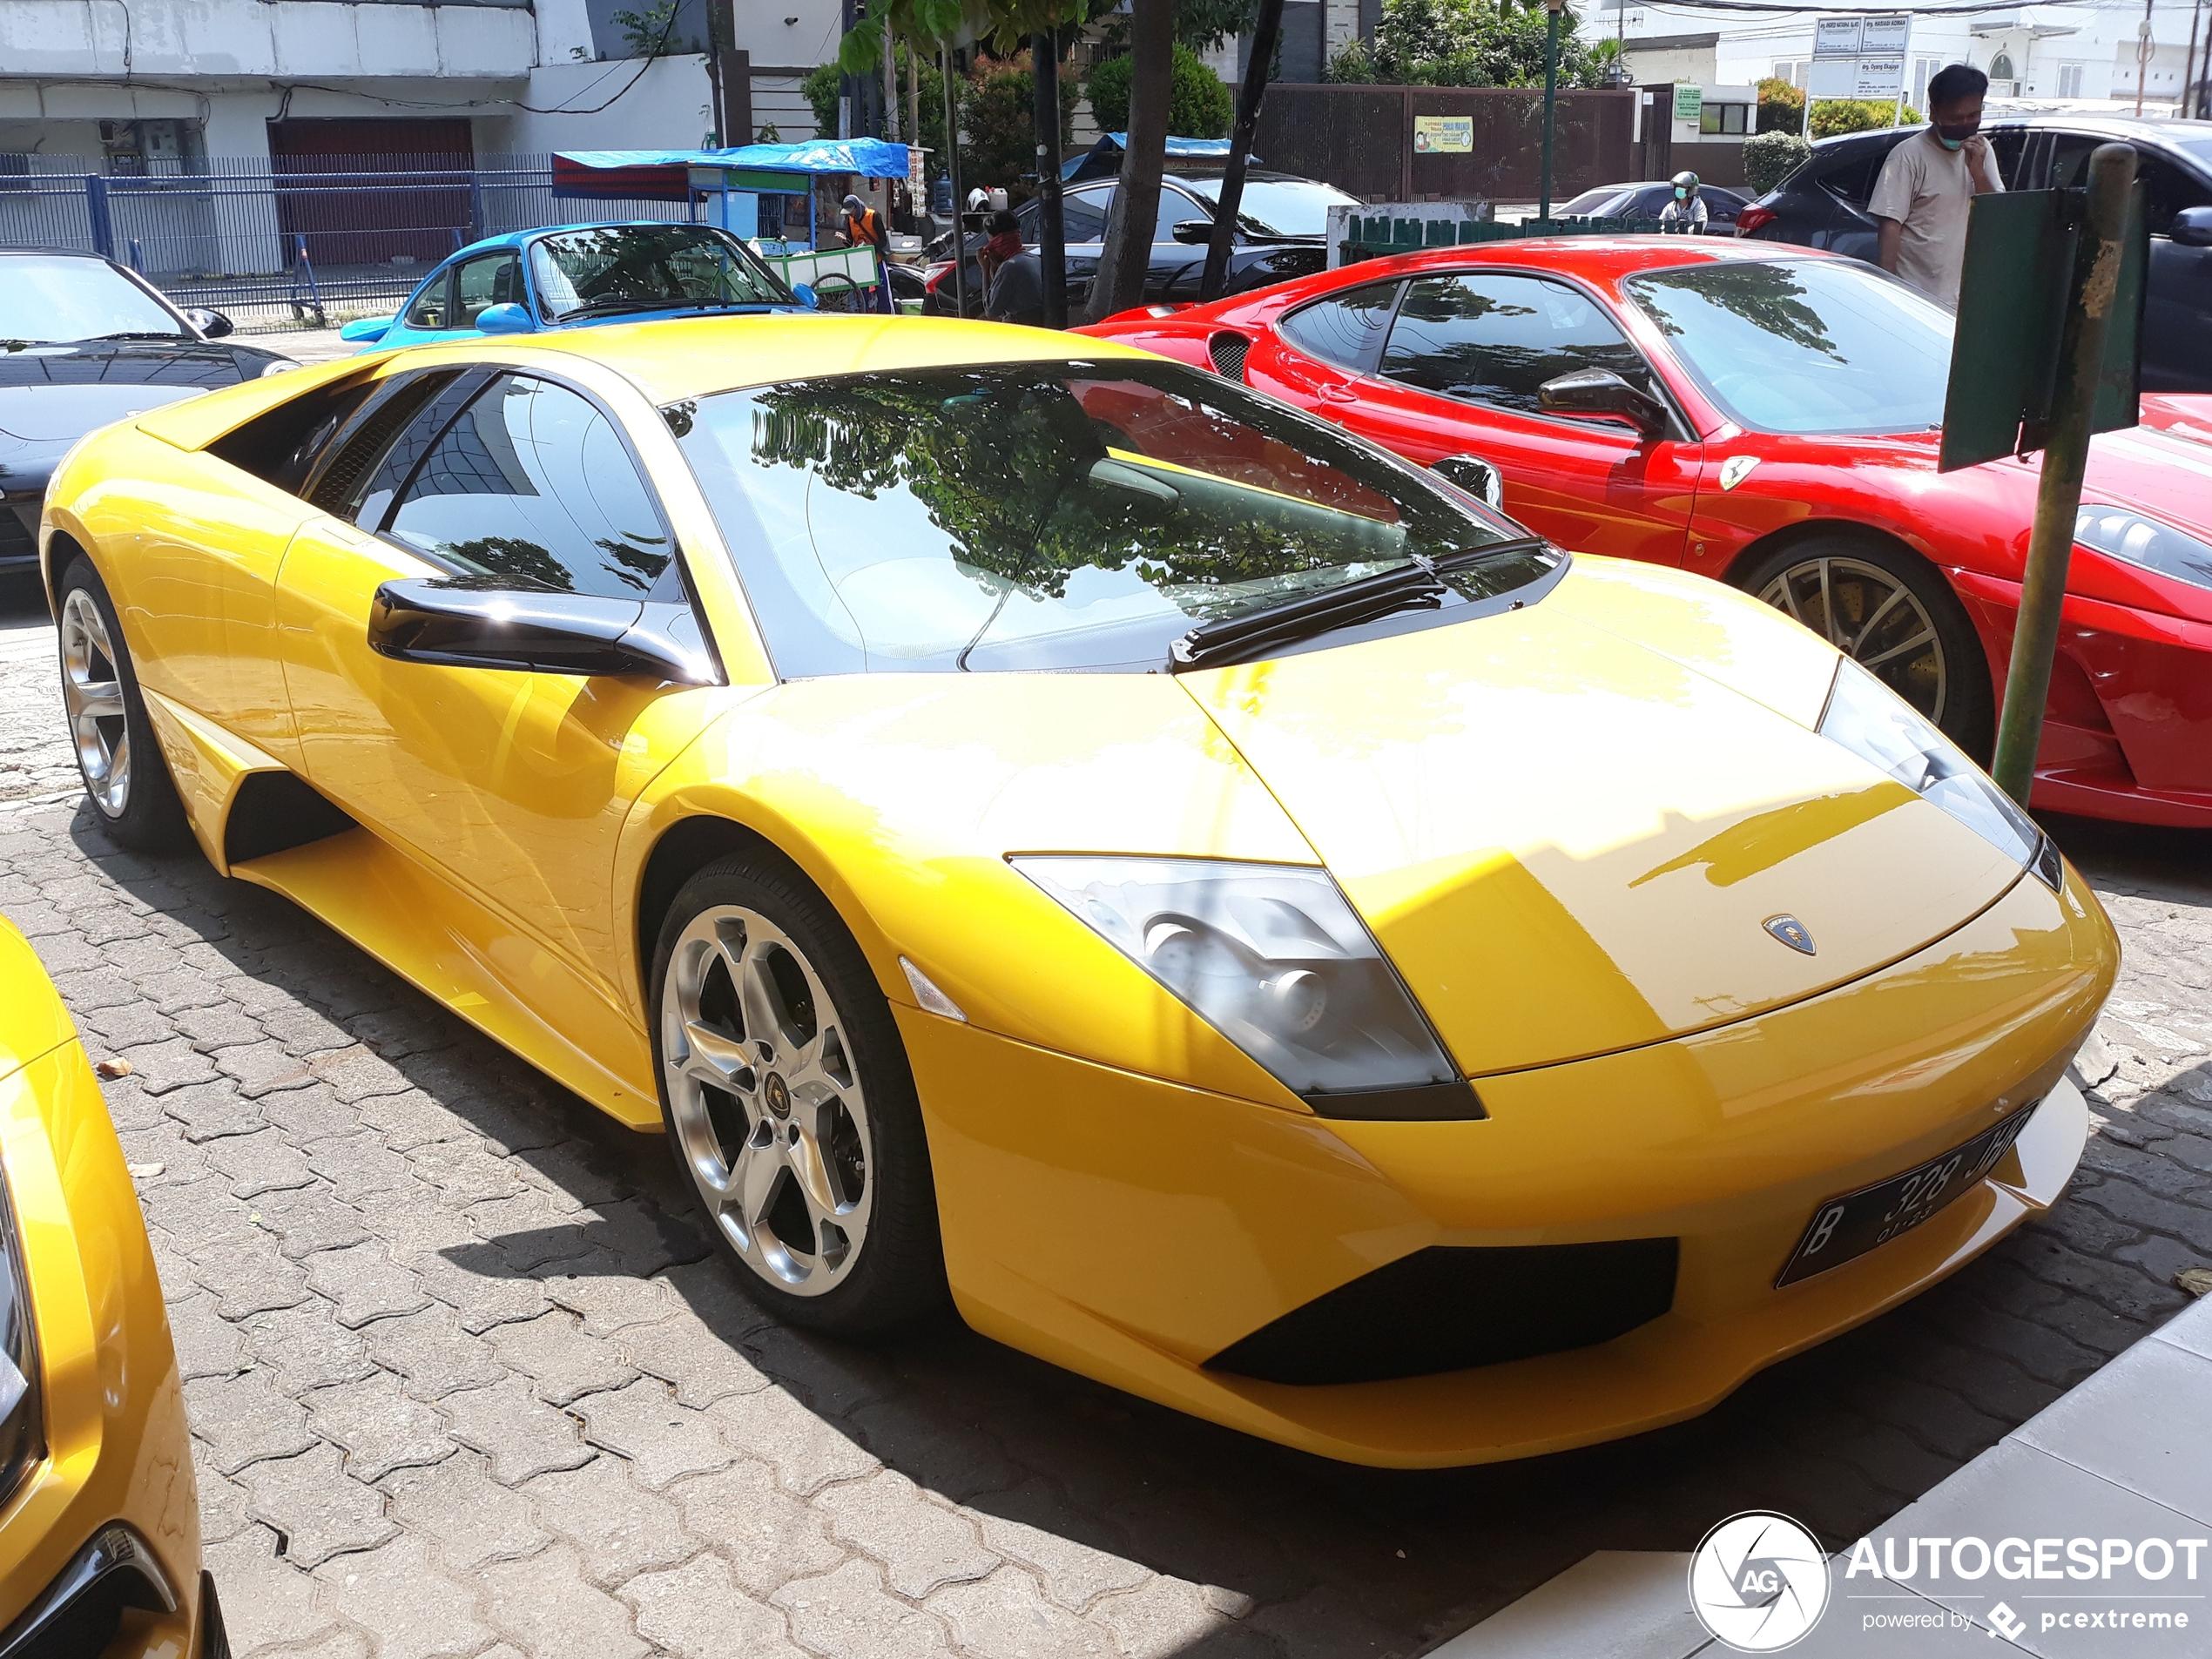 LamborghiniMurciélago LP640